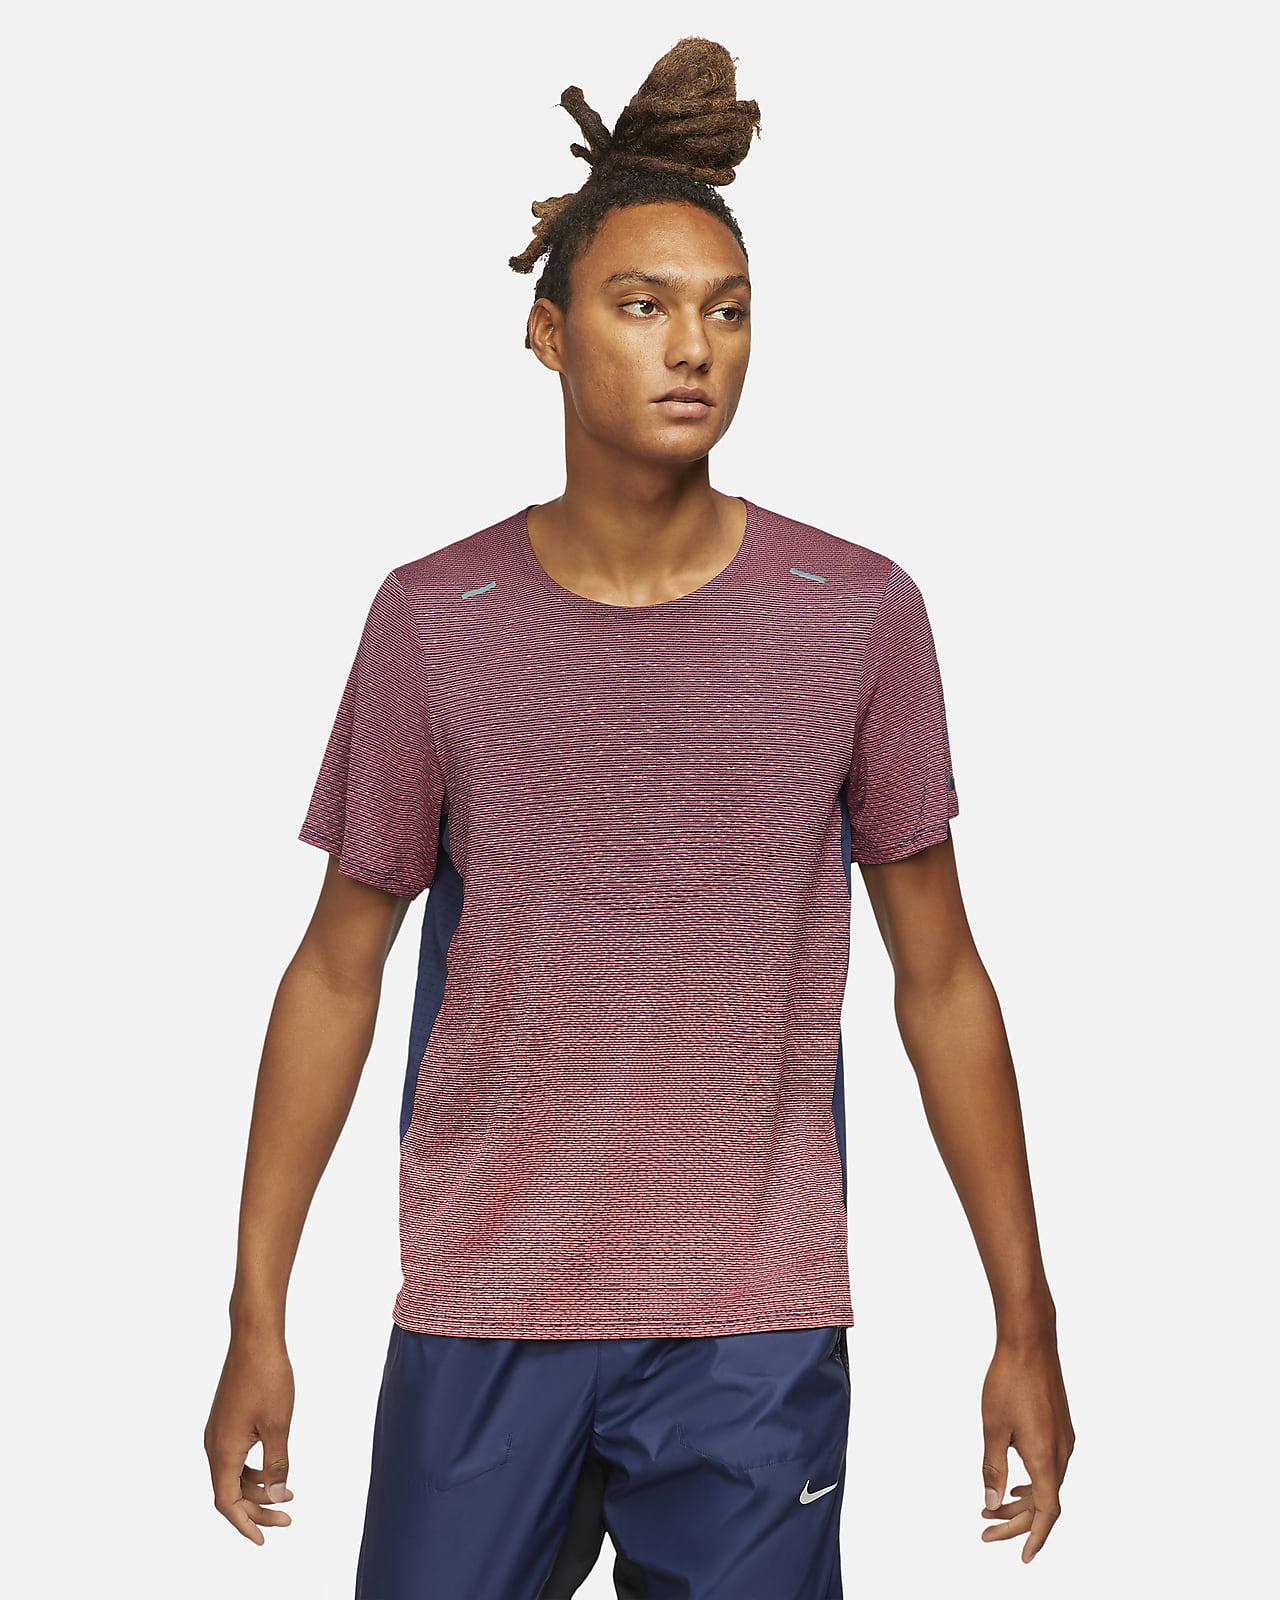 Kortärmad löpartröja Nike Pinnacle Run Division för män